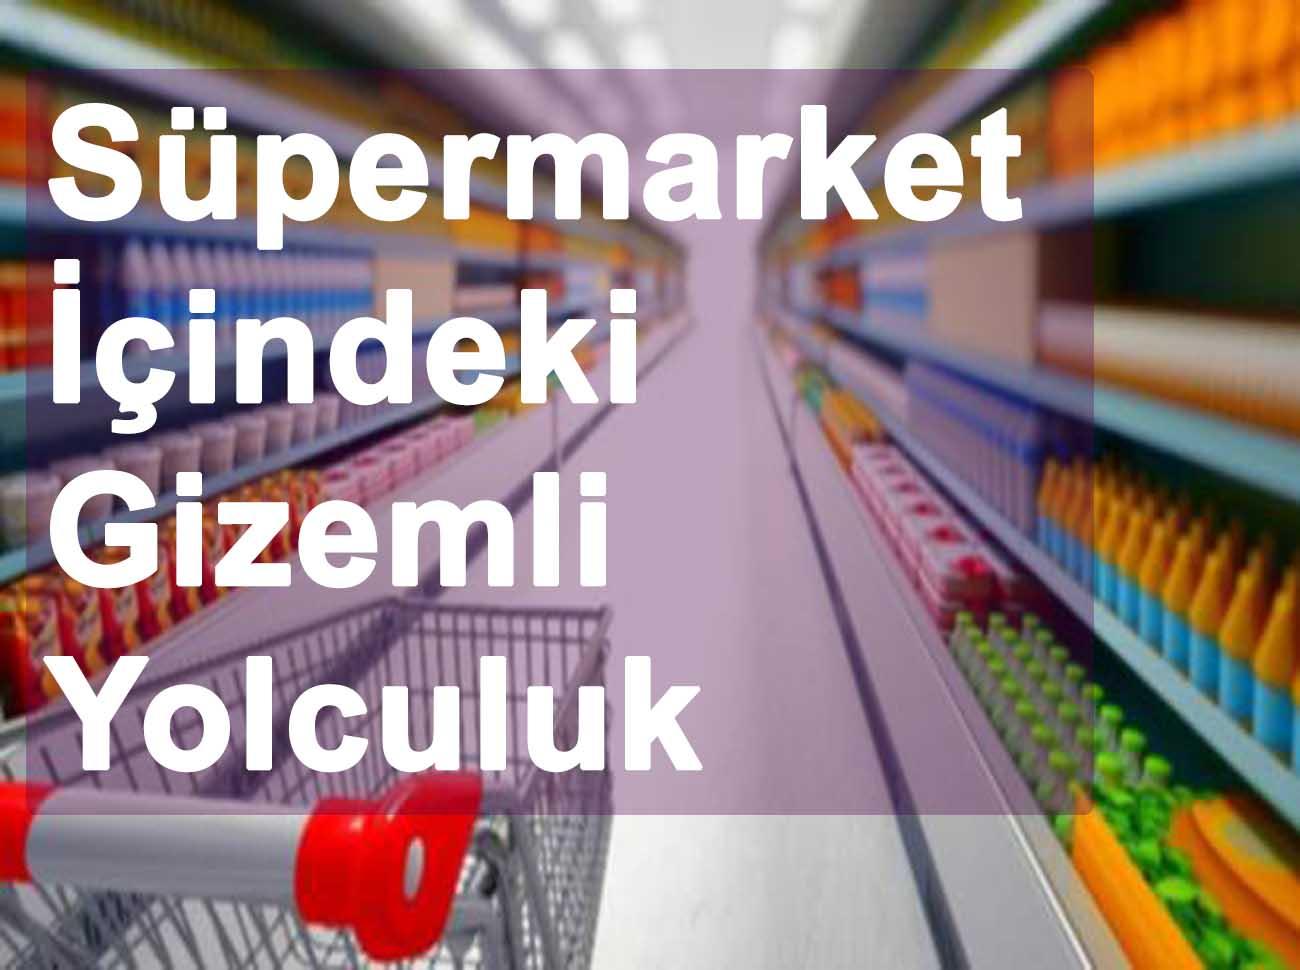 Süpermarket İçindeki Gizemli Yolculuk